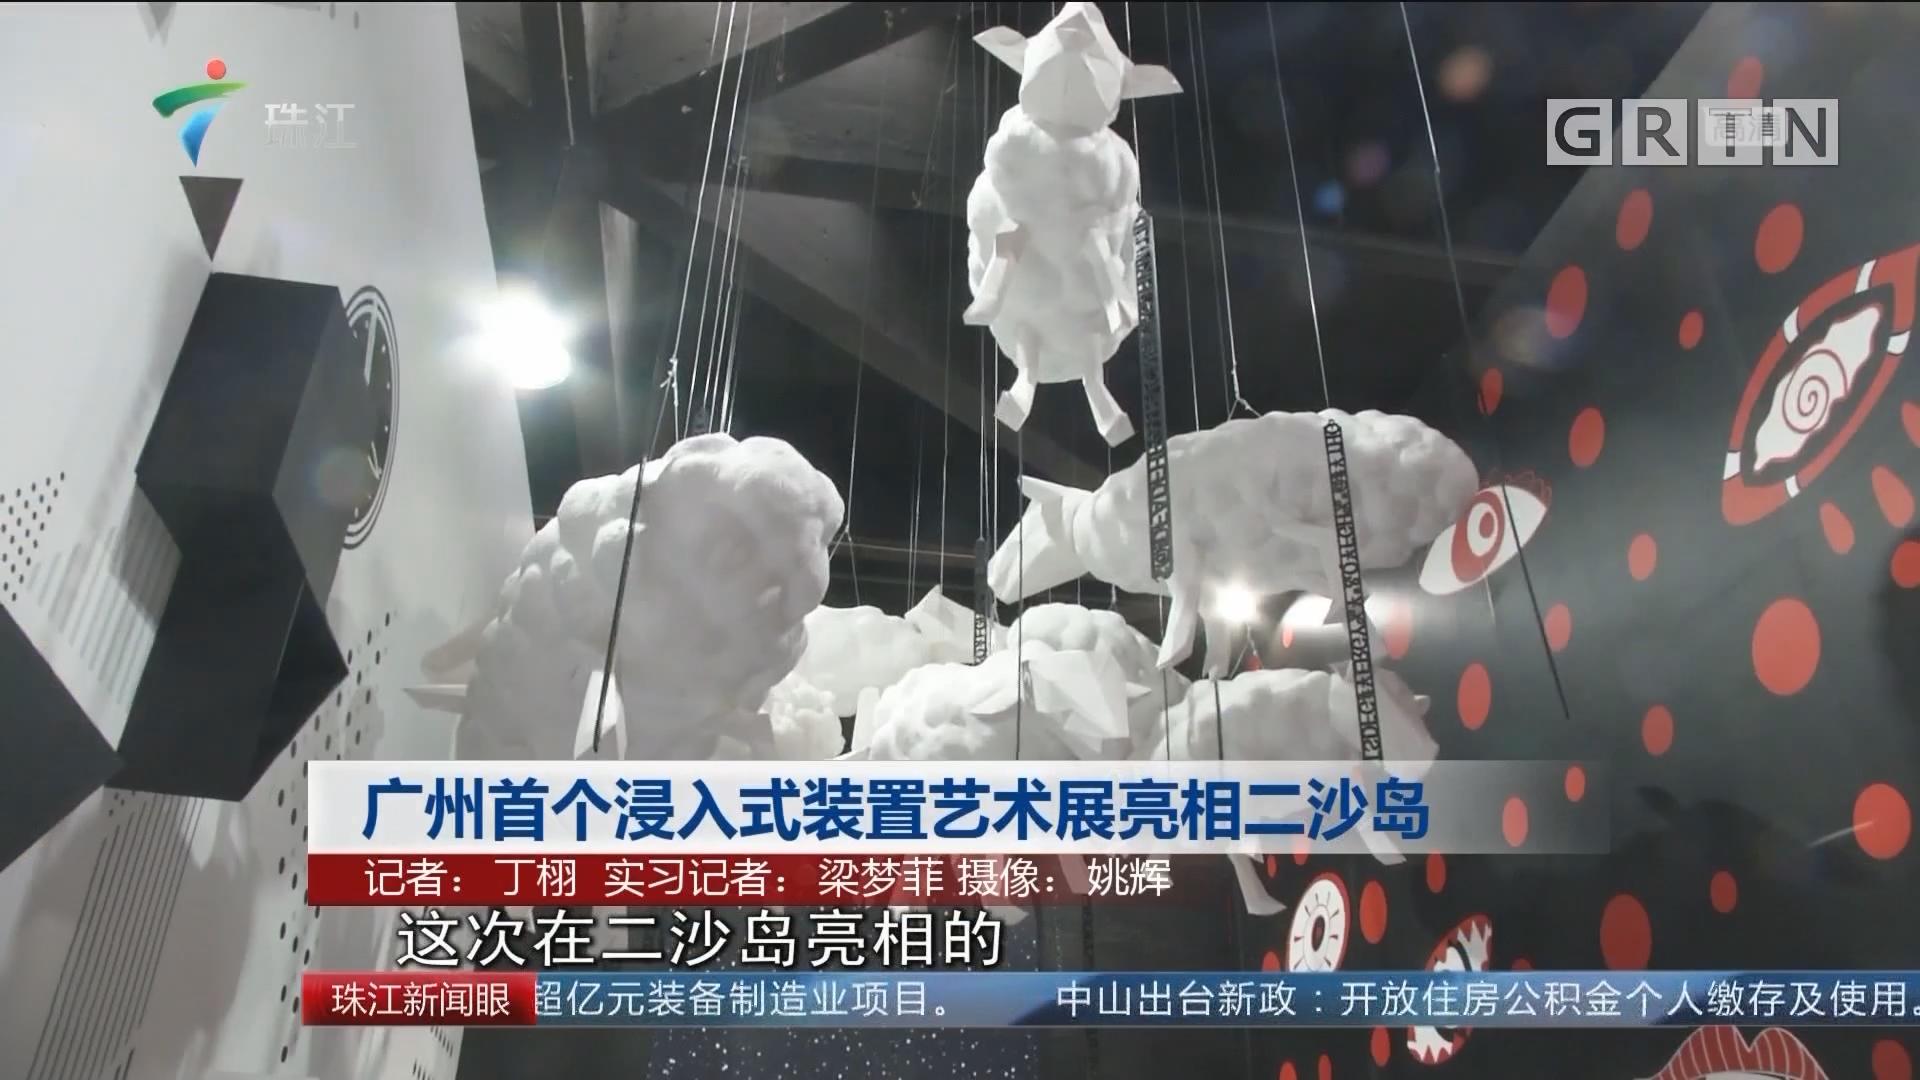 广州首个浸入式装置艺术展亮相二沙岛